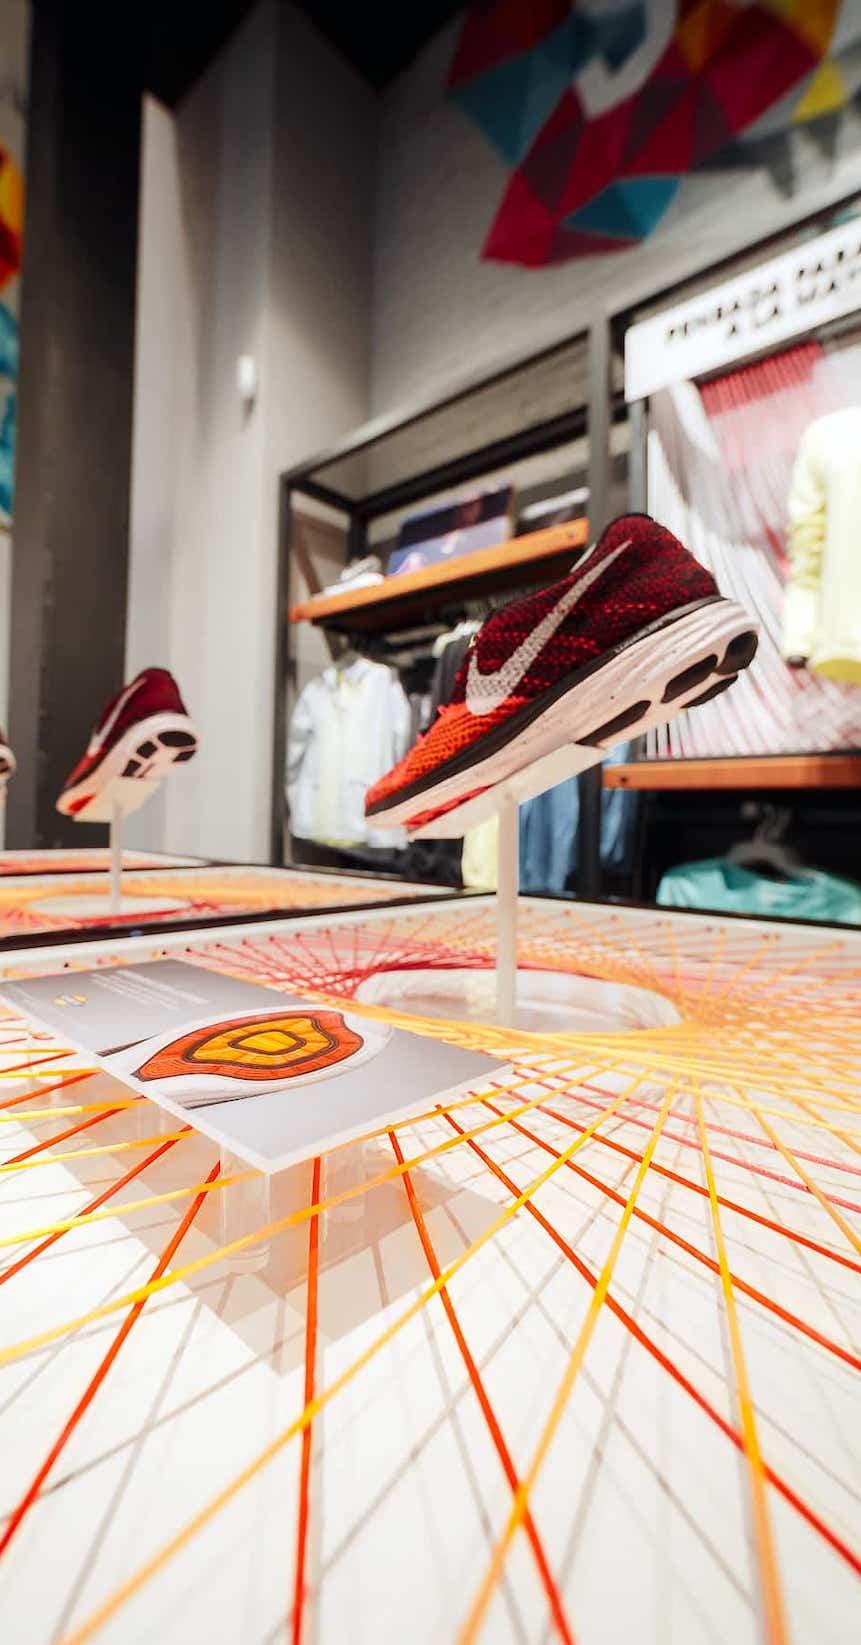 Detalle de mostrador para la colocación de zapatillas montado sobre hilos de diferentes colores en la tienda de Nike de Madrid